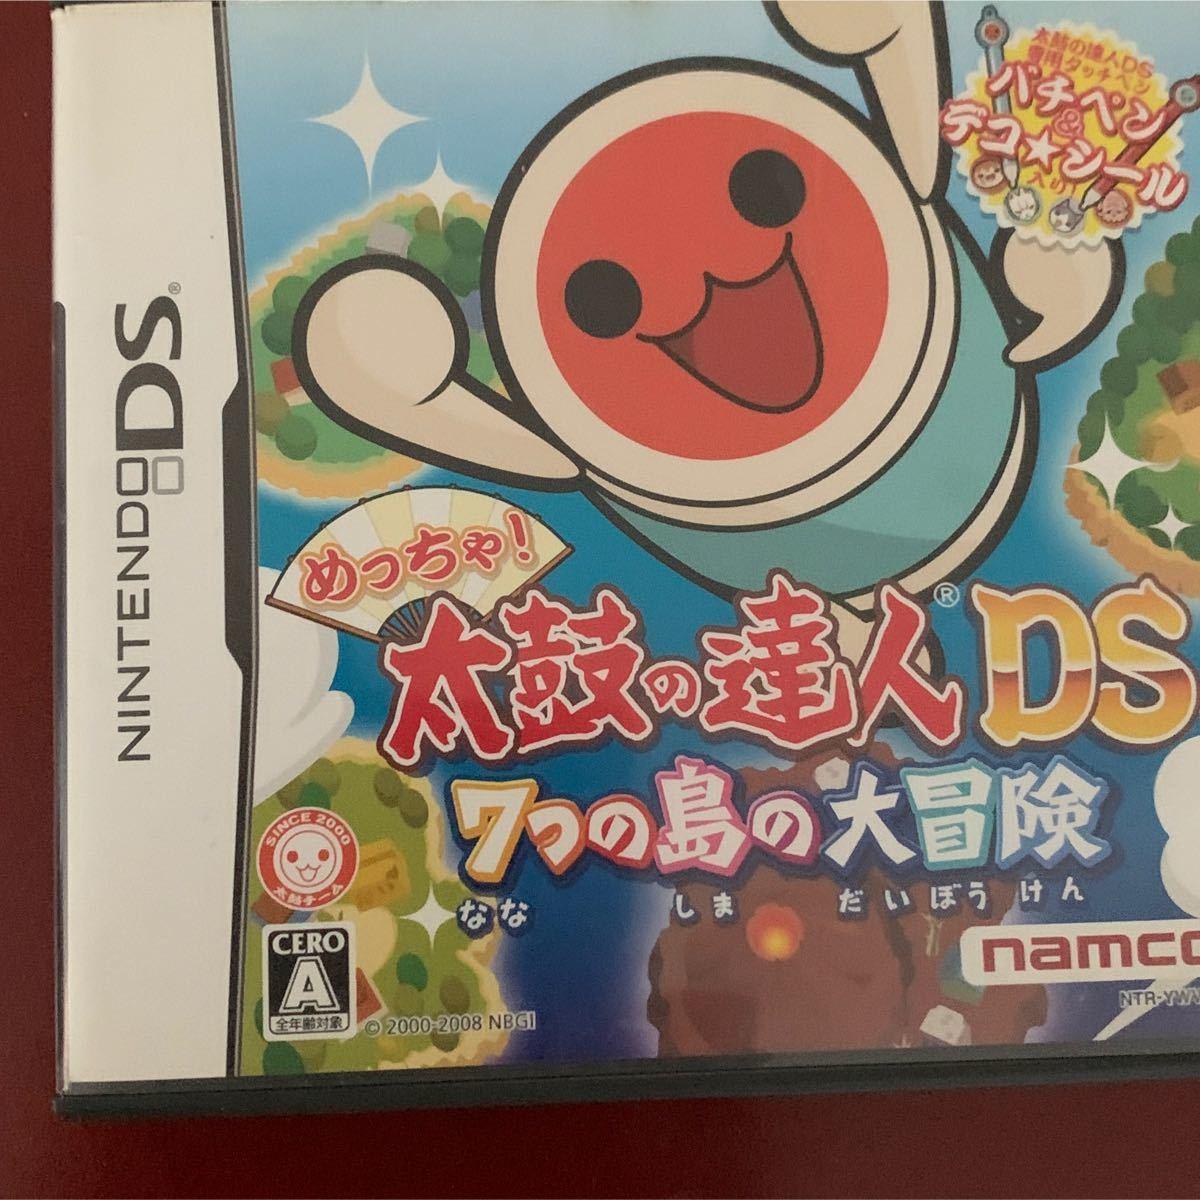 DSソフト 大冒険 太鼓の達人DS 7つの 島